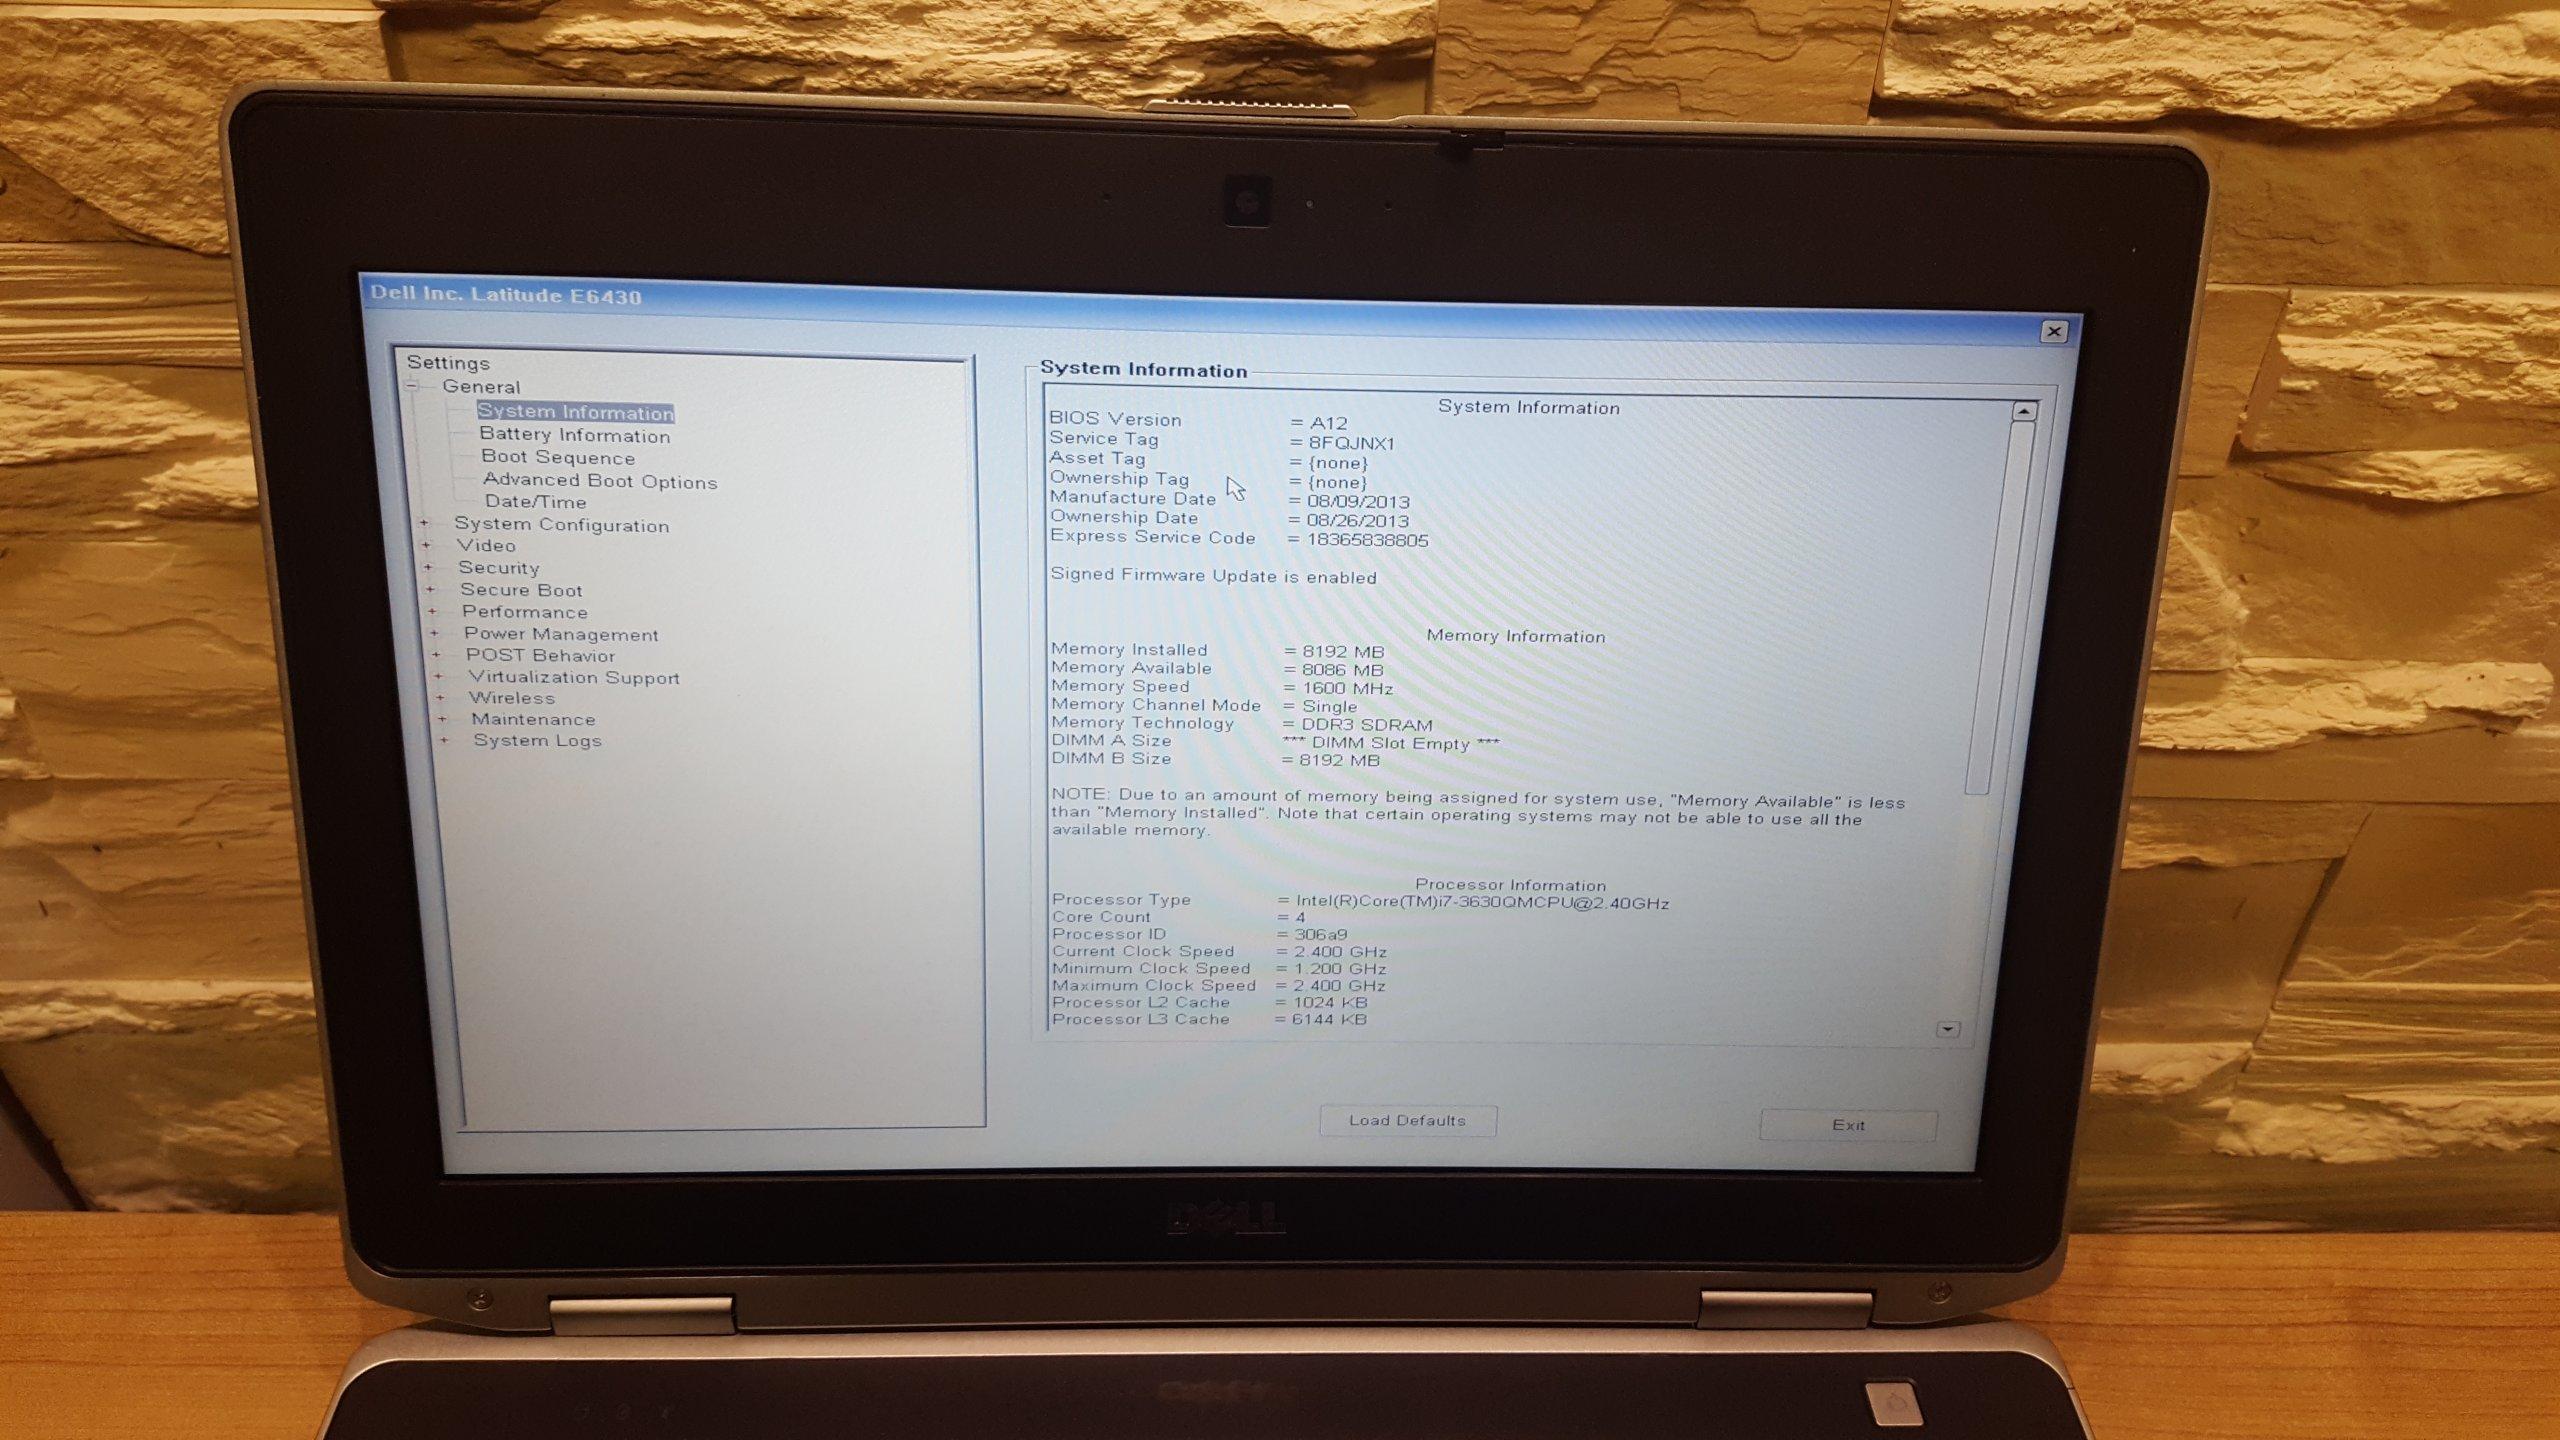 DELL E6430 i7-3630QM 8GB SSD 1600X900 NVIDIA 2H